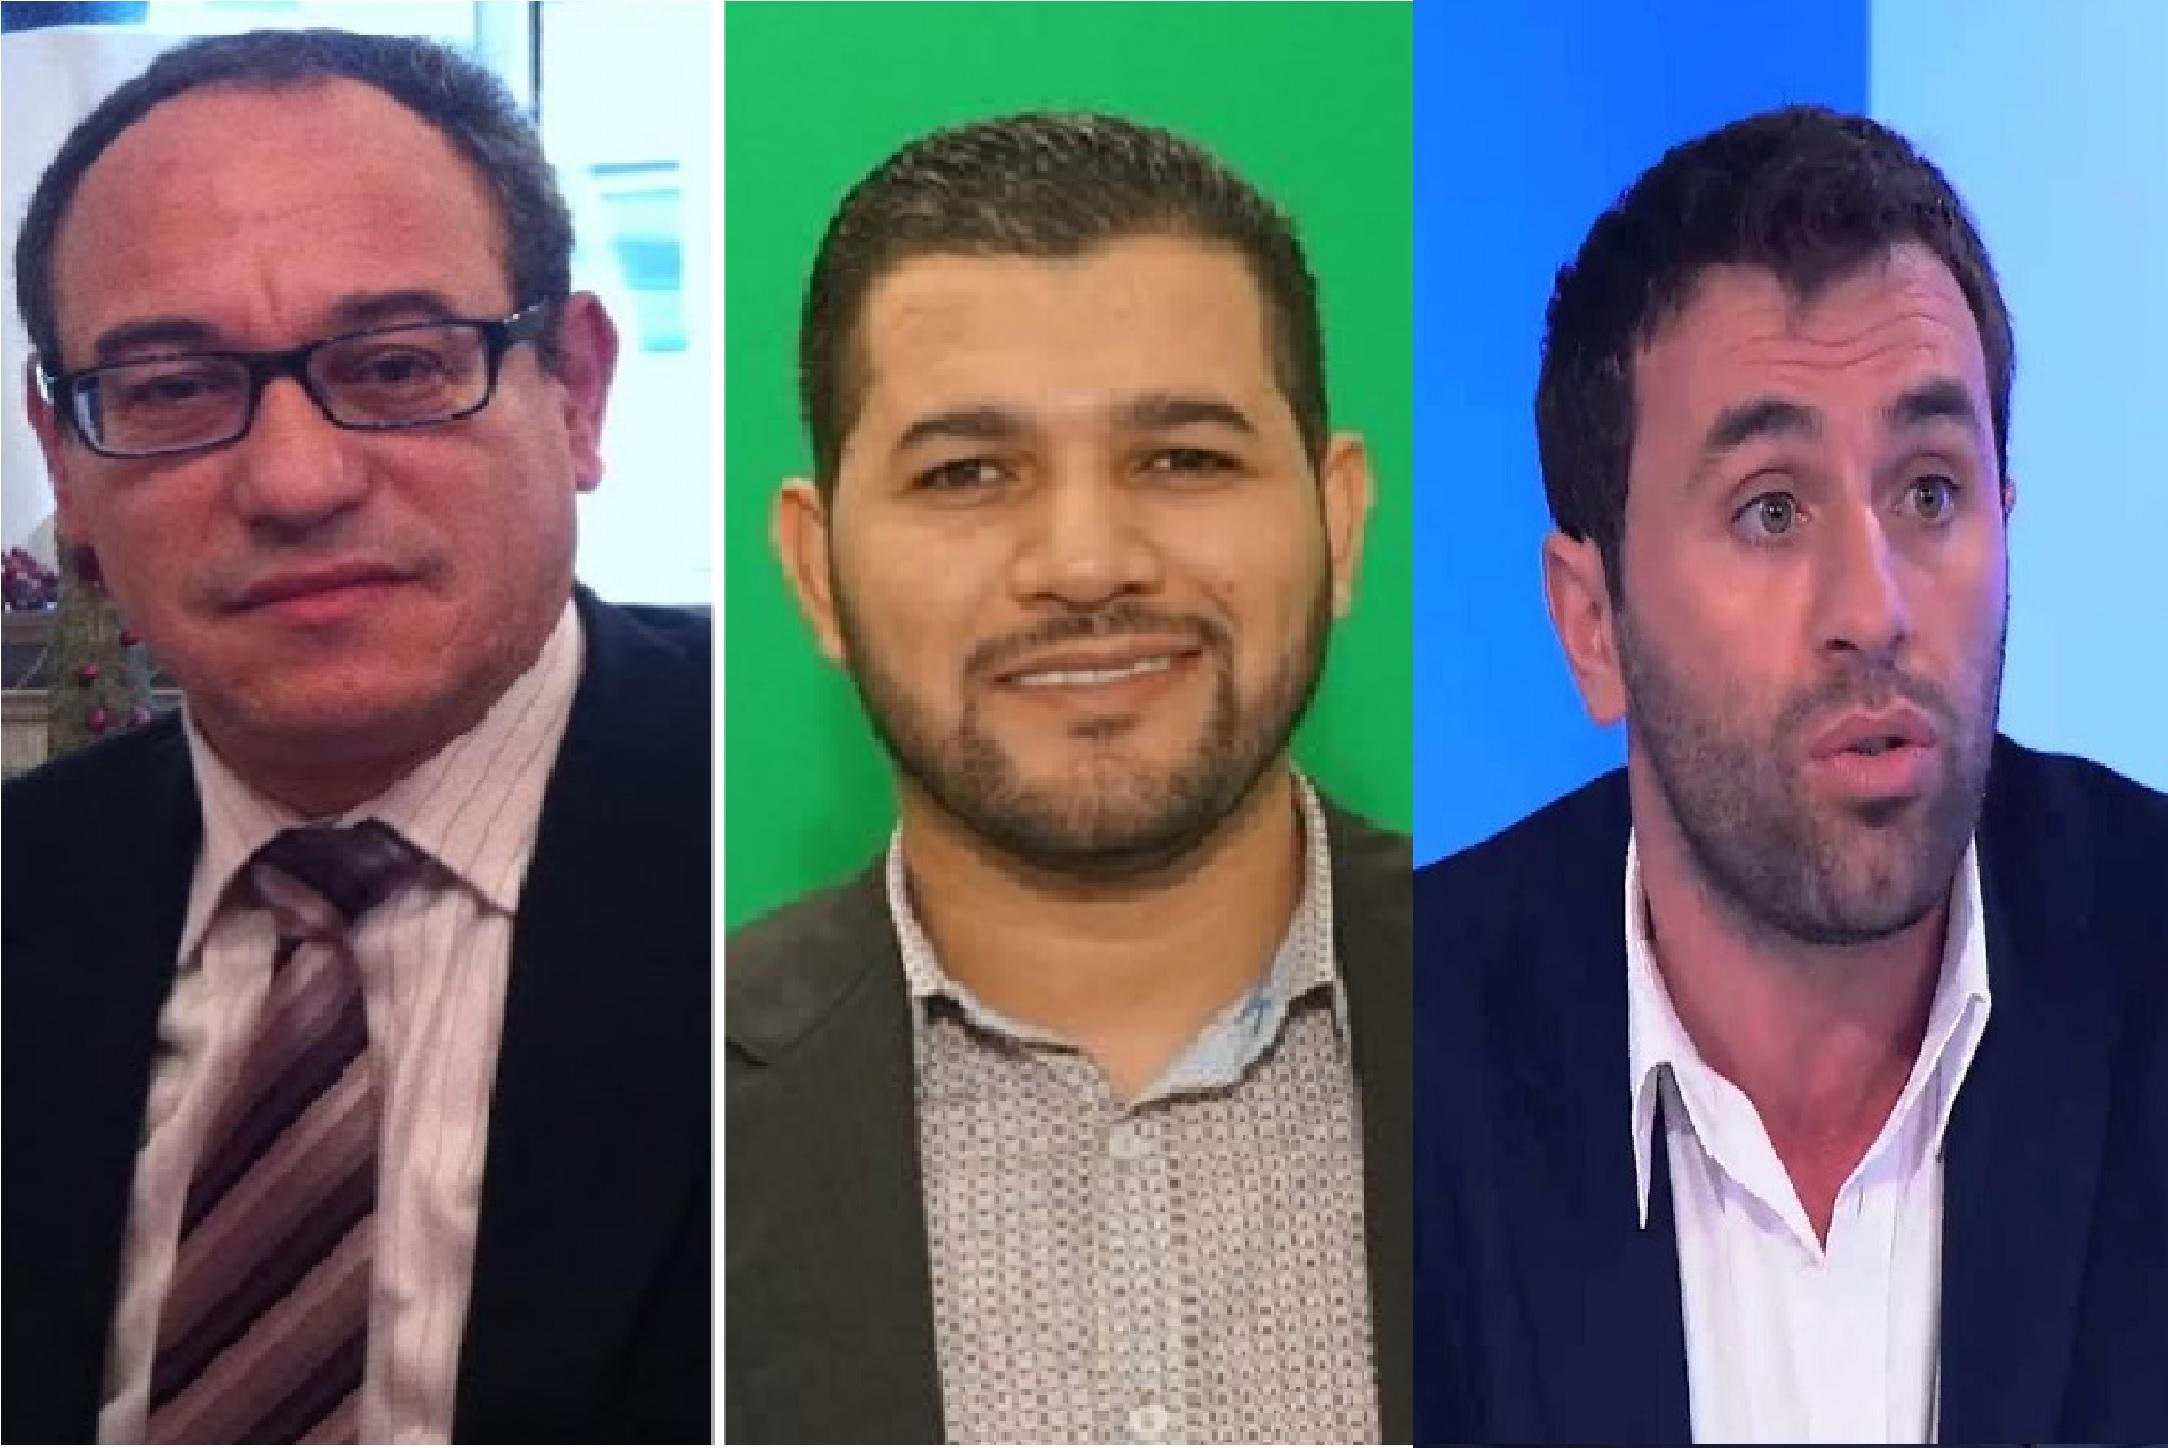 فرنسا تُهين النظام العسكري الجزائري  برفض تسليمها النشطاء والصحافيين المعارضين باعتبار فراغ ملفاتهم